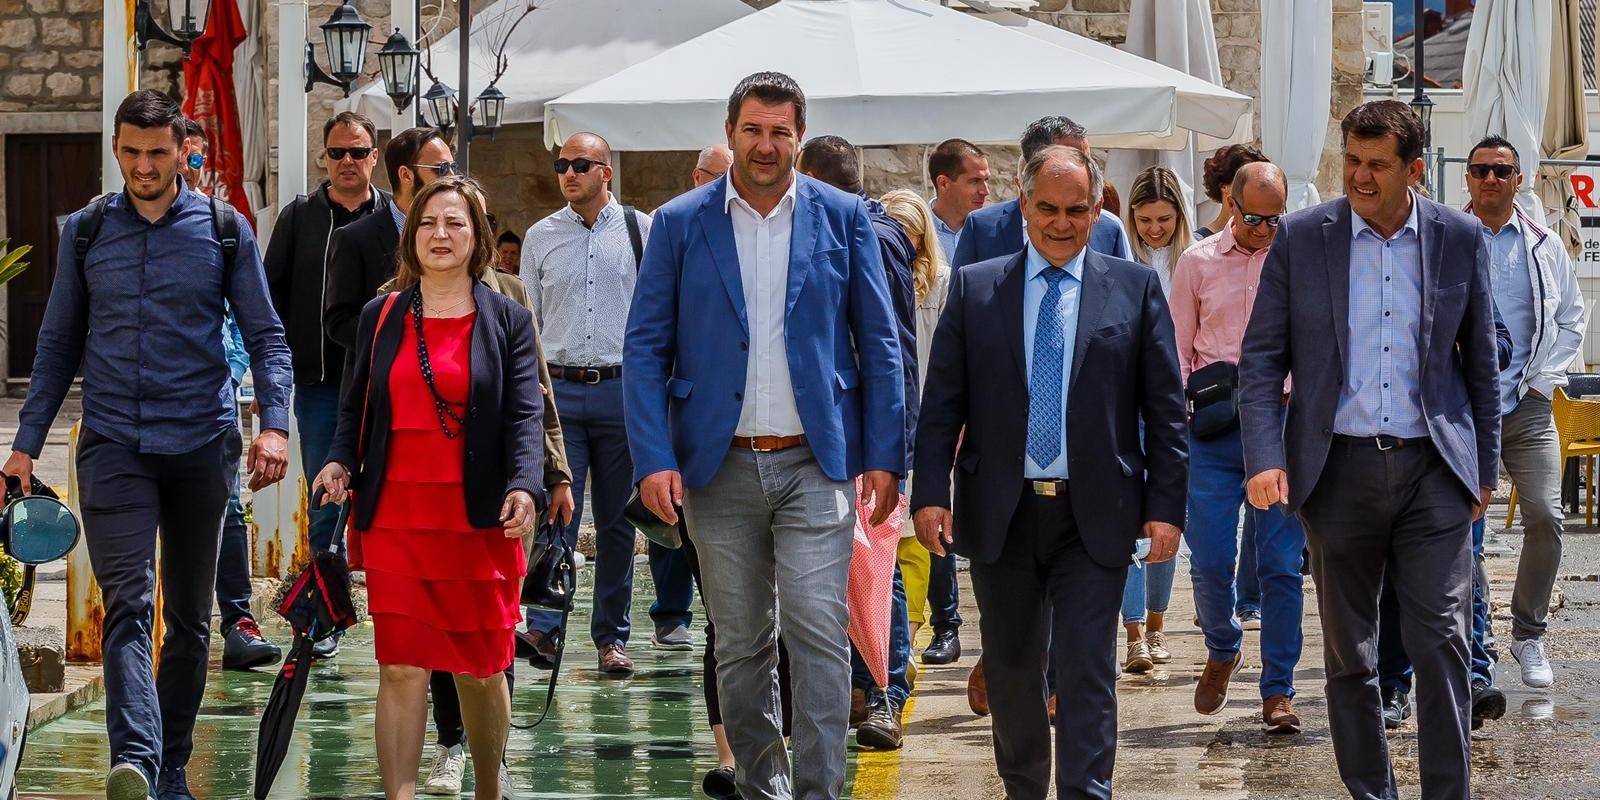 Ivanović: U nedjelju zaokružite 1 za gradonačelnika Kaštela i 4 za našu listu